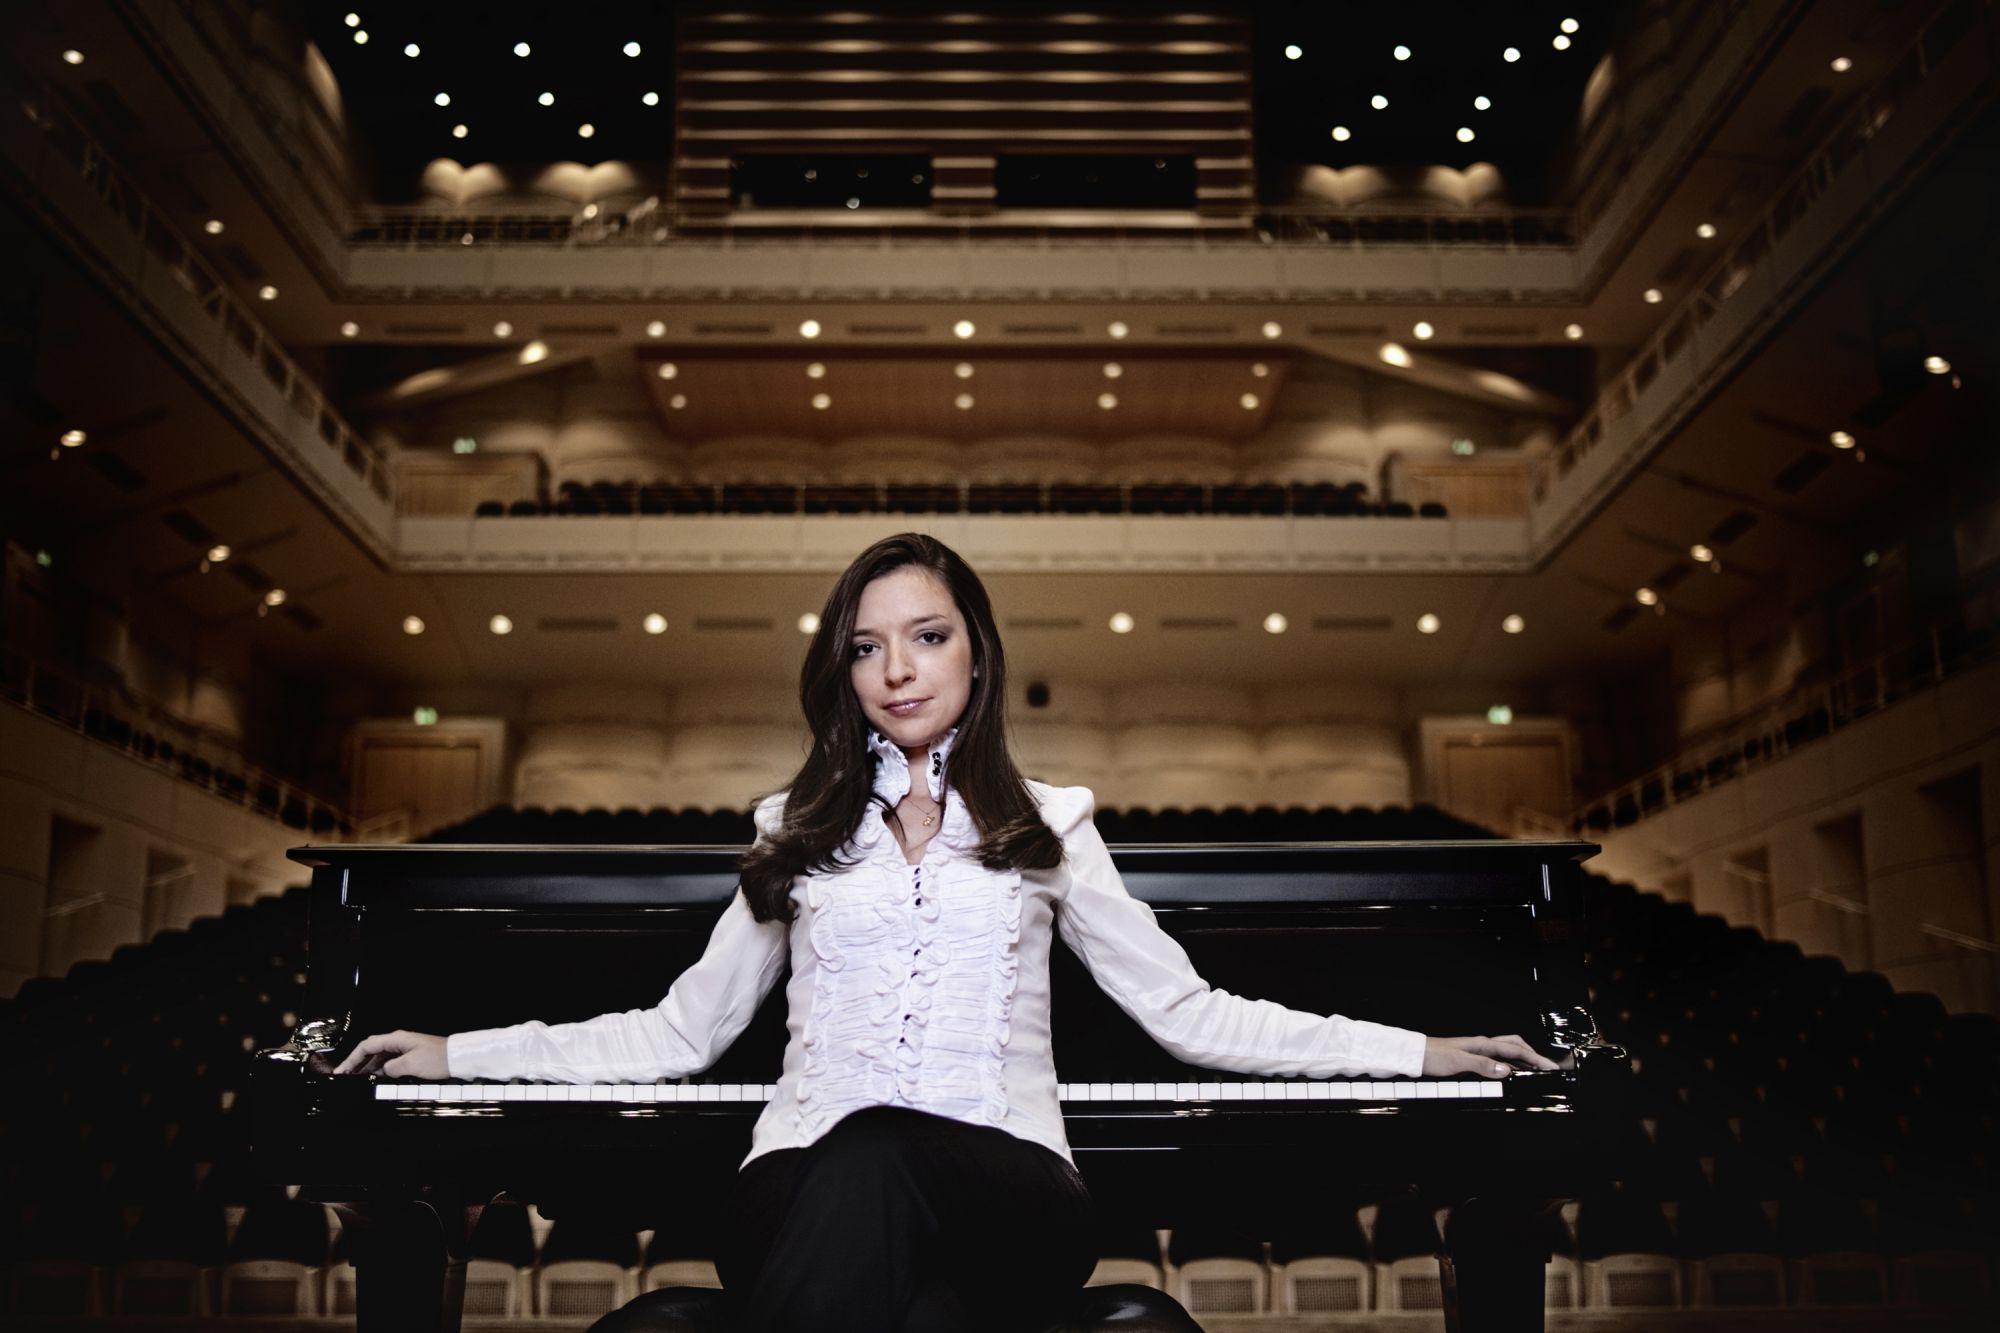 國際蕭邦大賽罕見女性冠軍,鋼琴天后阿芙蒂耶娃台北鋼琴獨奏會